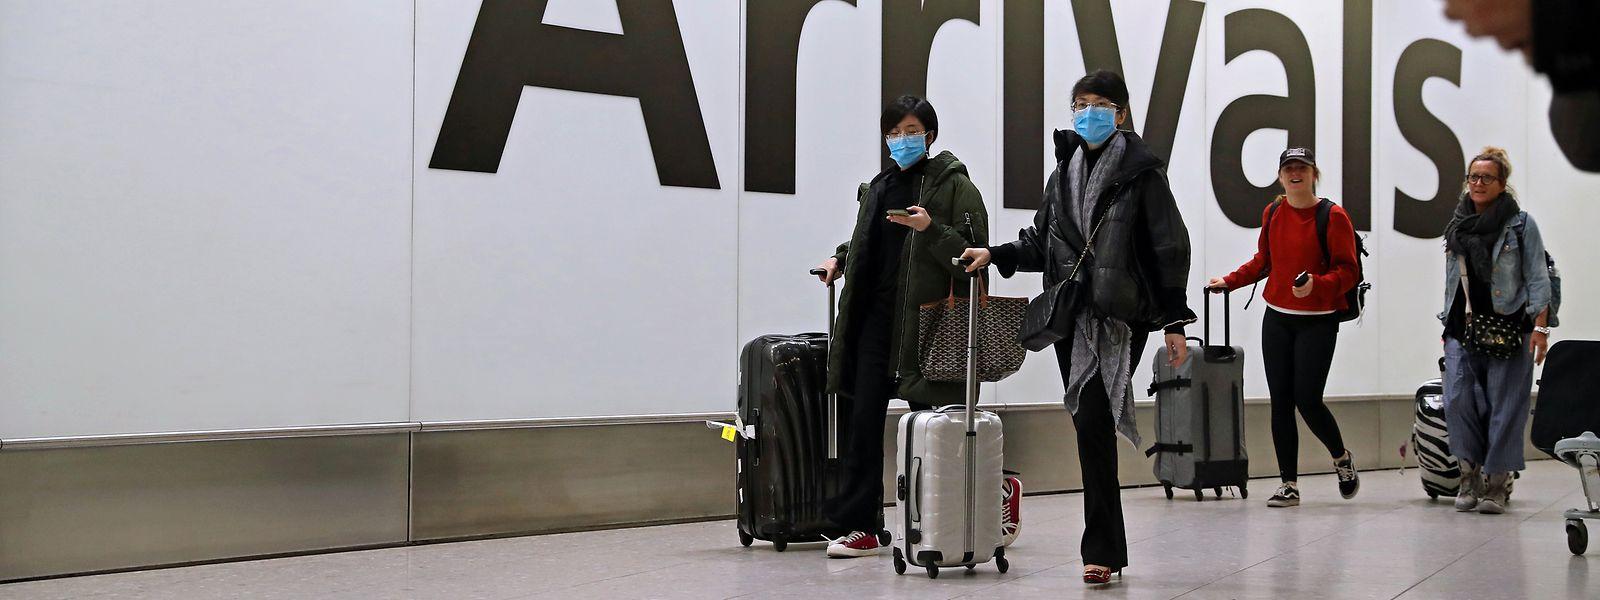 Internationale Flughäfen wie hier im Fall Heathrow sind die Einfallstore für das Virus.